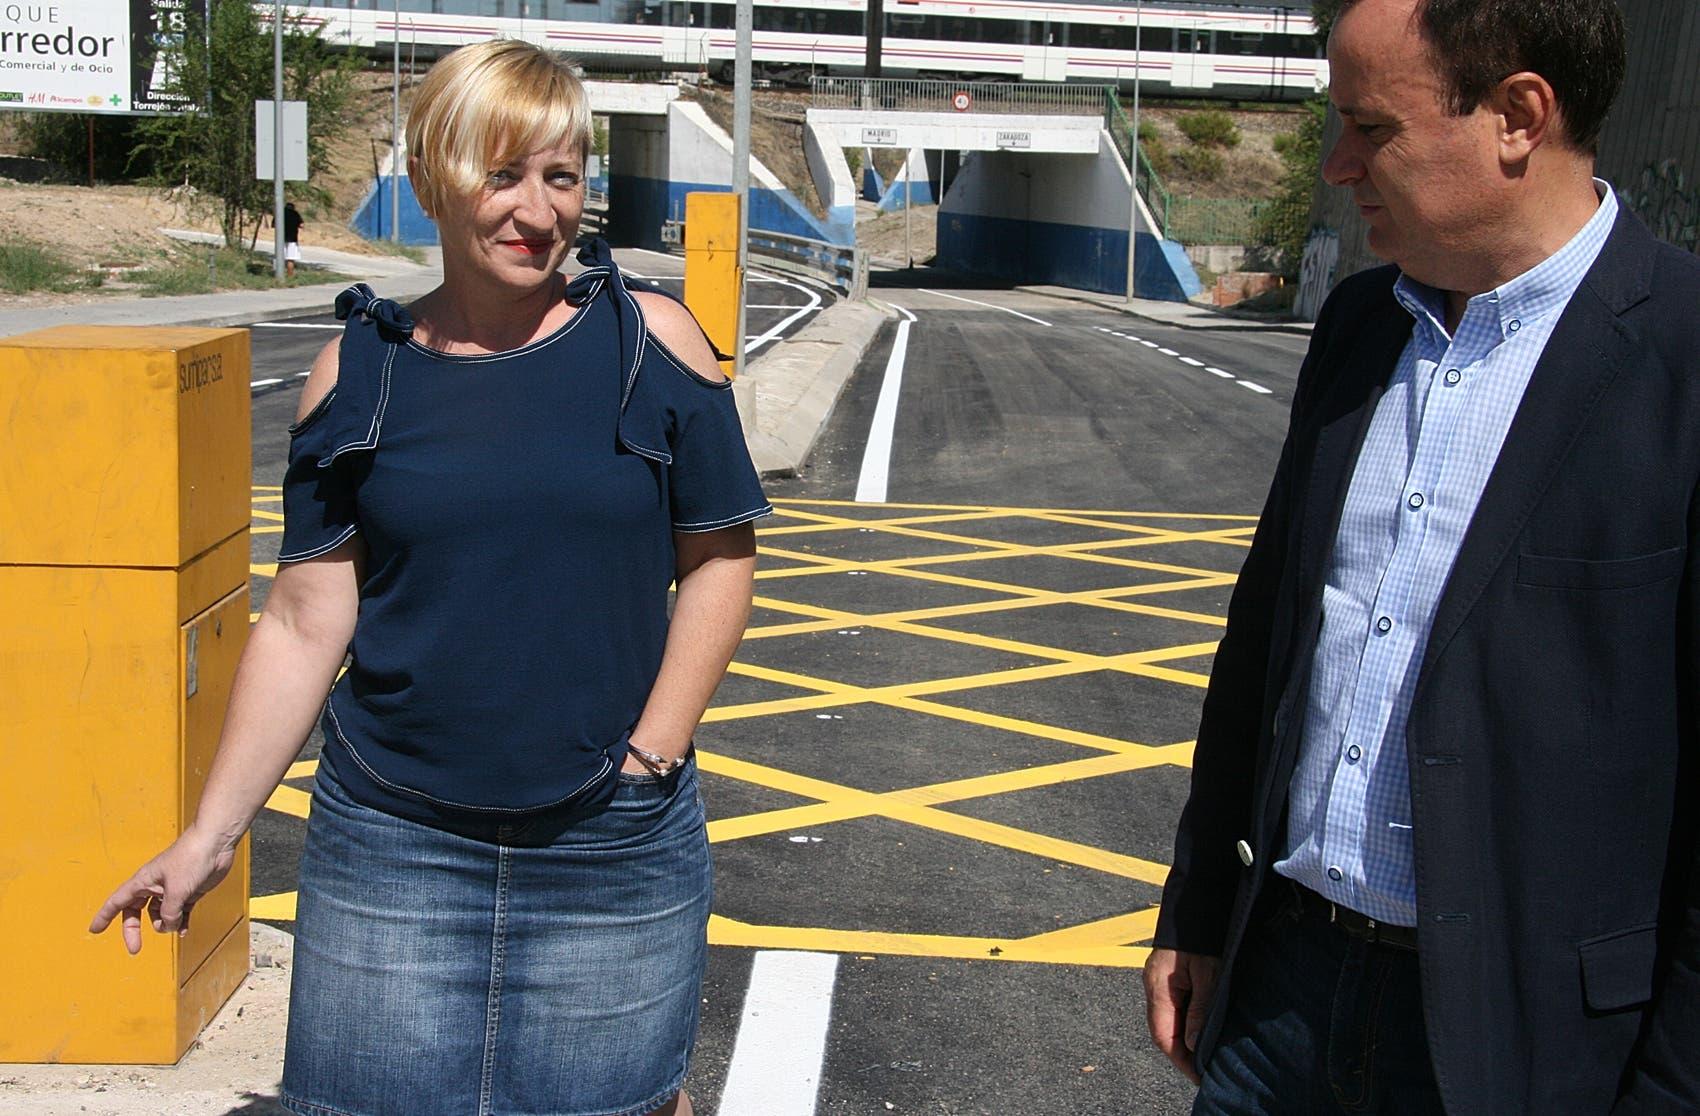 El alcalde y la concejala Arroyo en su visita a las obras (Ayto. Coslada).